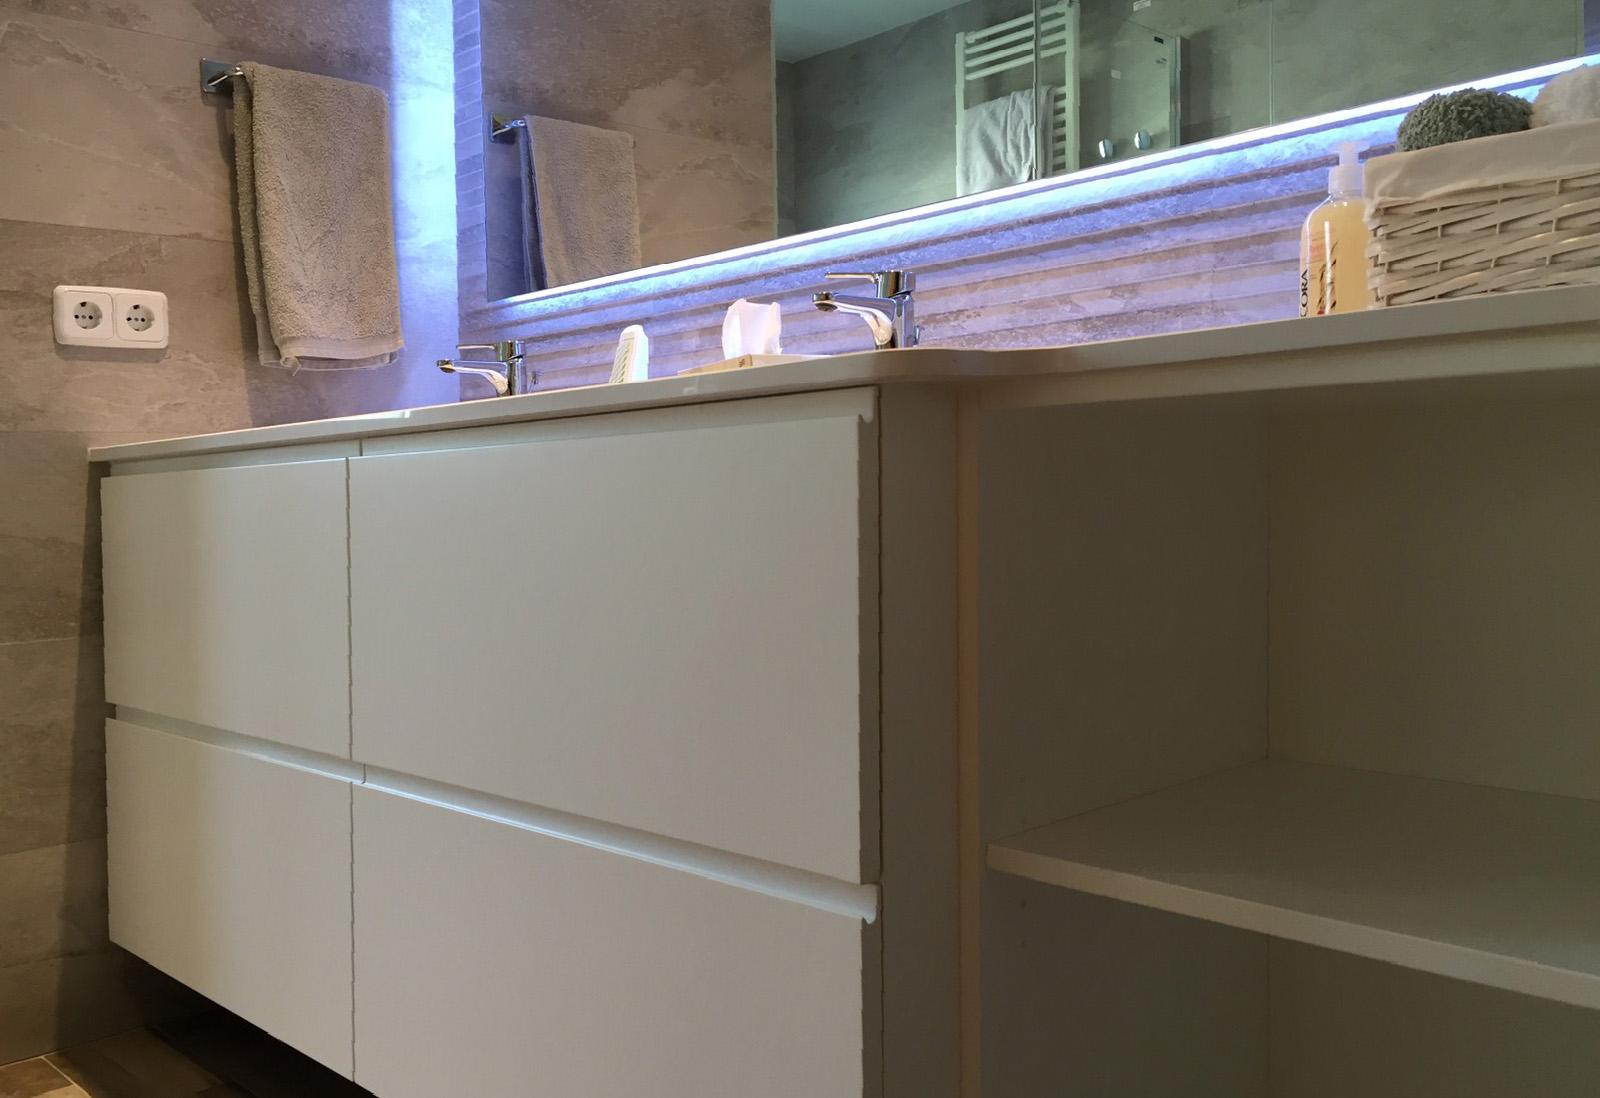 Mueble de baño a medida suspendido lacado blanco con uñero y cajones de extracción total con freno, con espejo retroiluminado.